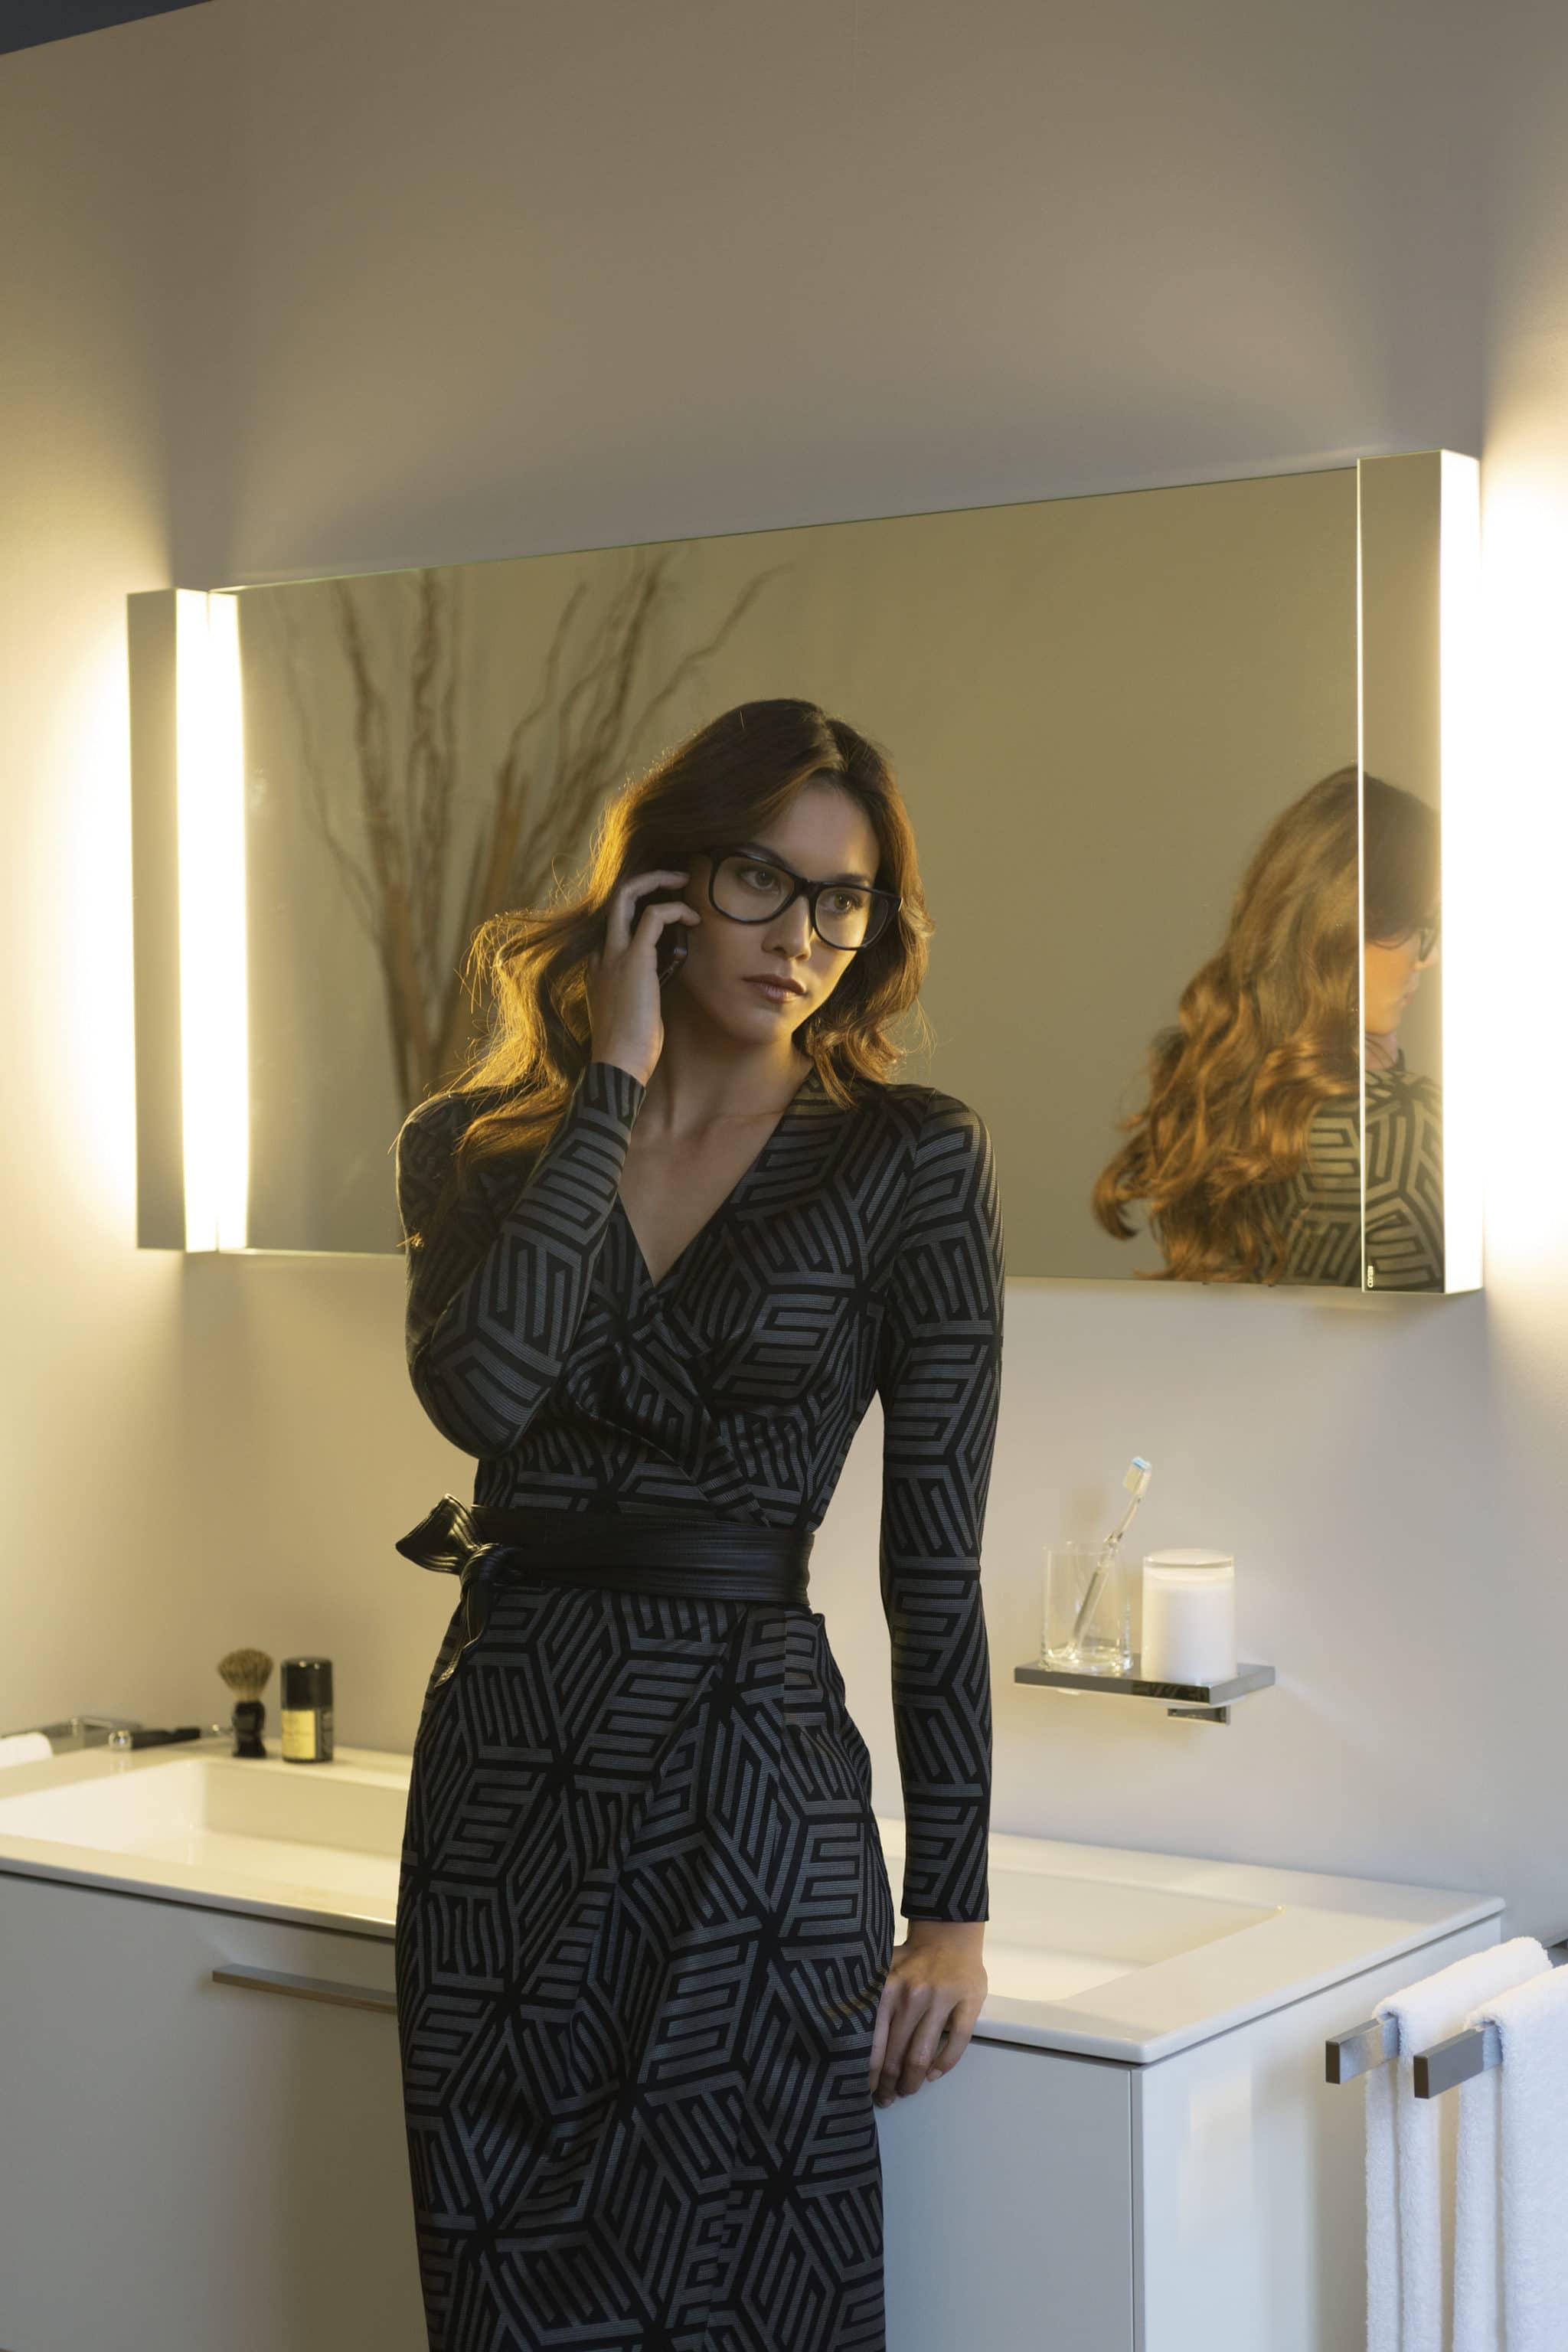 royal 60 von keuco badeinrichtung f r minimalistische stheten b cube online magazin. Black Bedroom Furniture Sets. Home Design Ideas